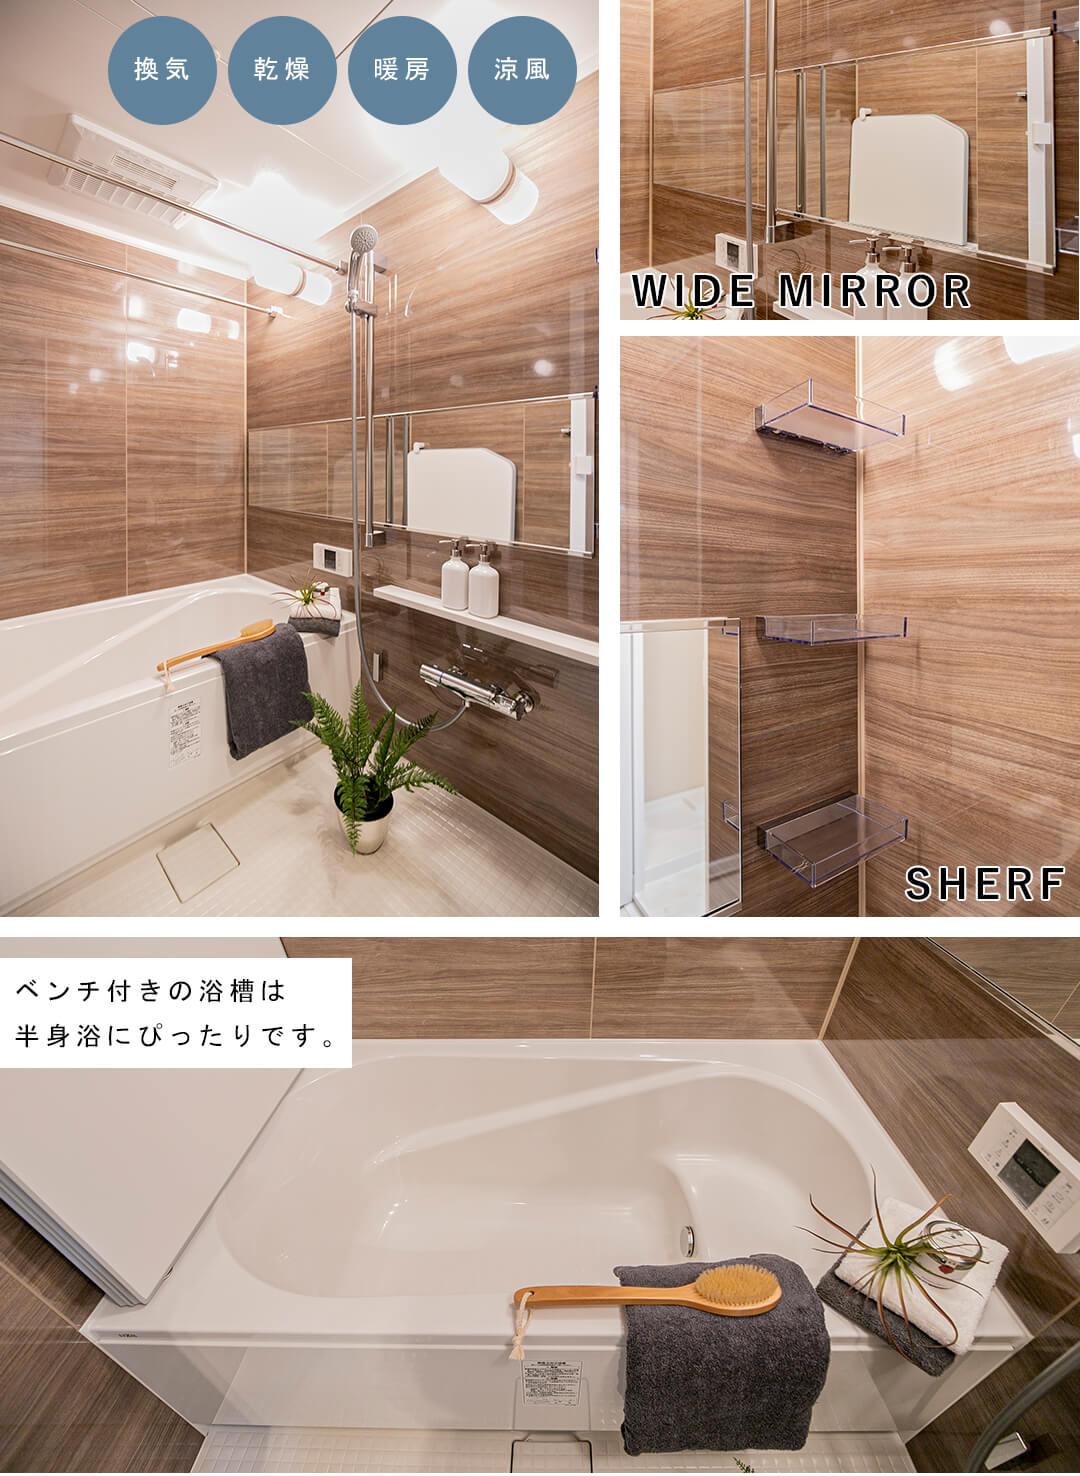 朝日マンション新中野の浴室